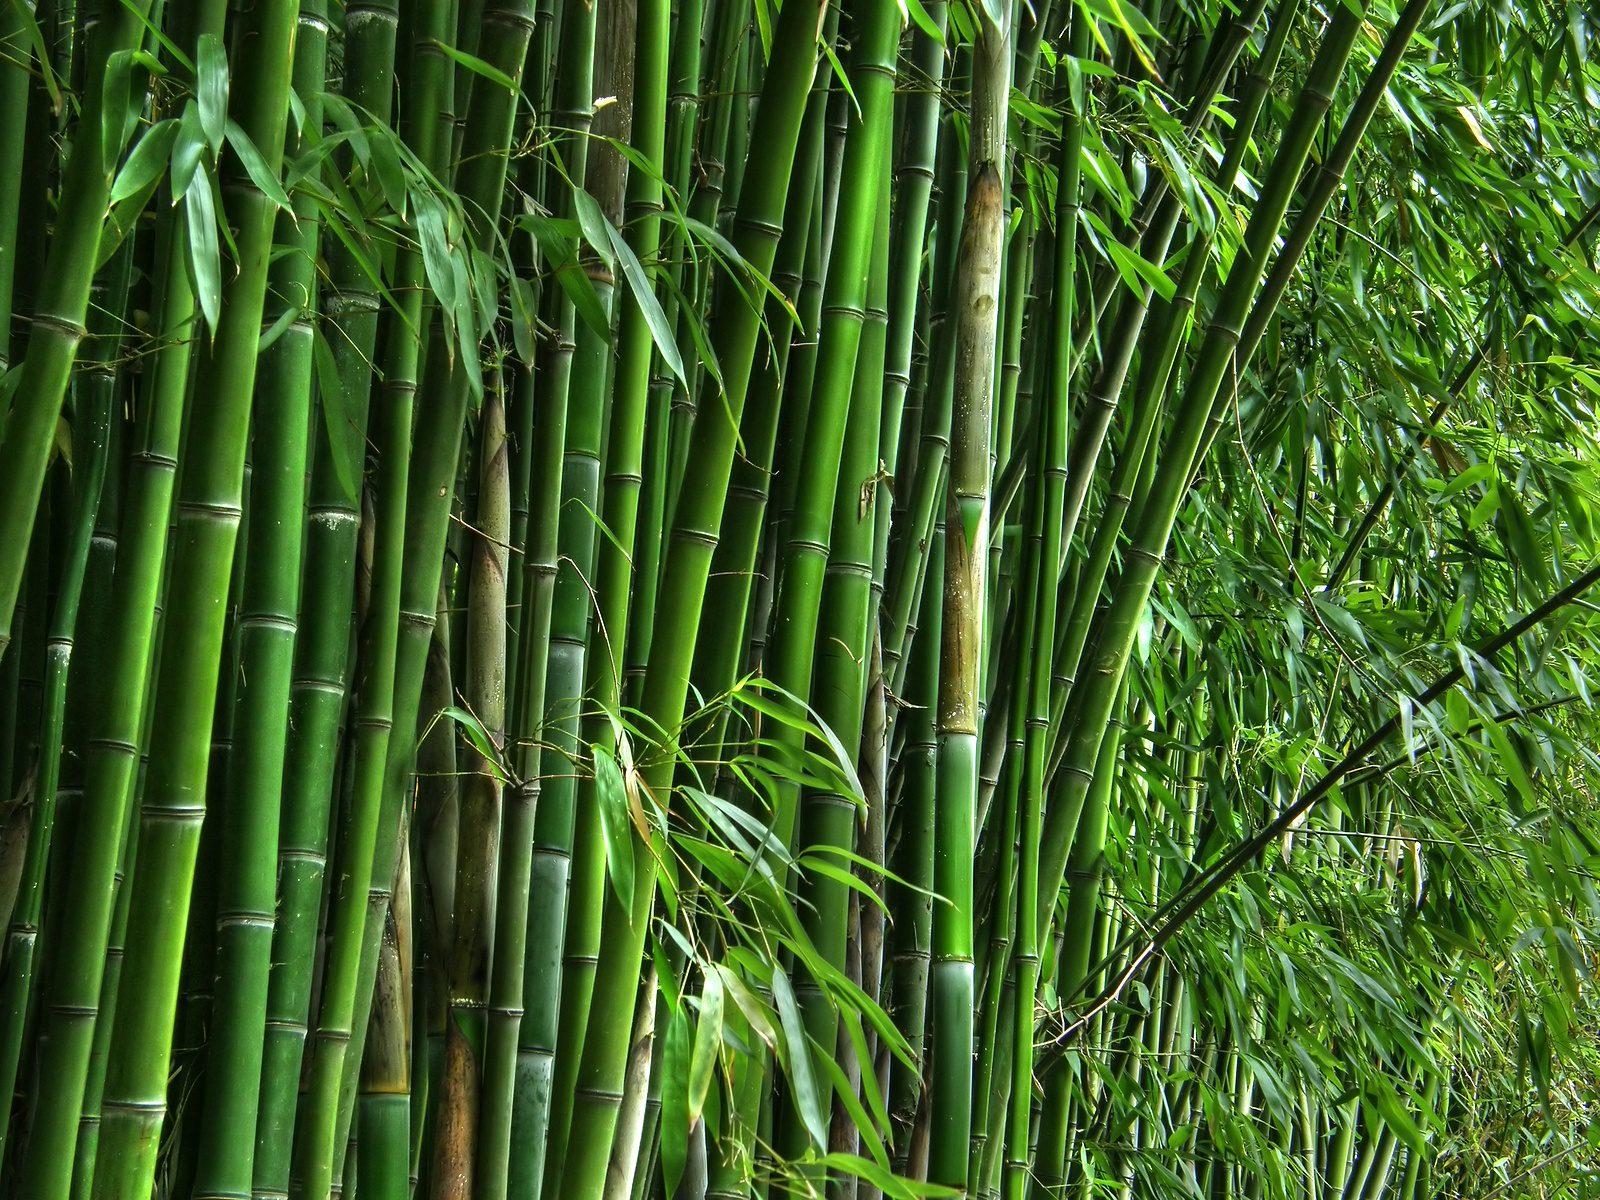 Bambu sebagai Bahan Baku Pembuatan kandang Bebek